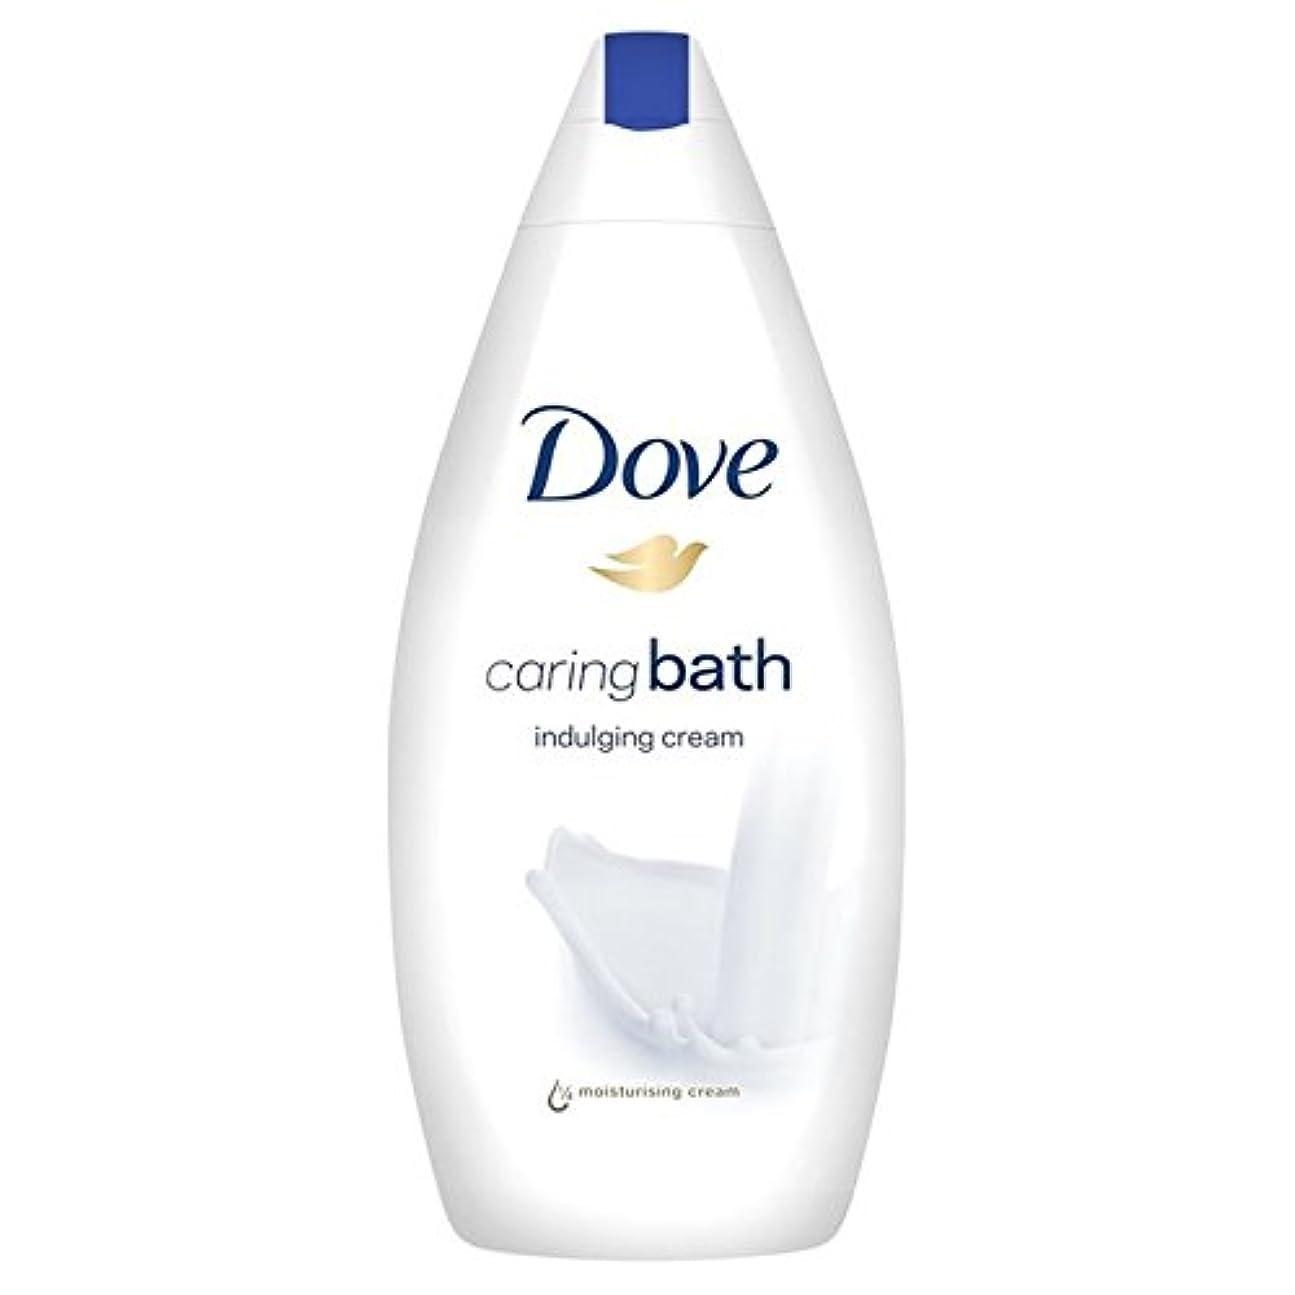 唯一通知する船形Dove Indulging Caring Bath 500ml (Pack of 6) - 思いやりのバス500ミリリットルをふける鳩 x6 [並行輸入品]